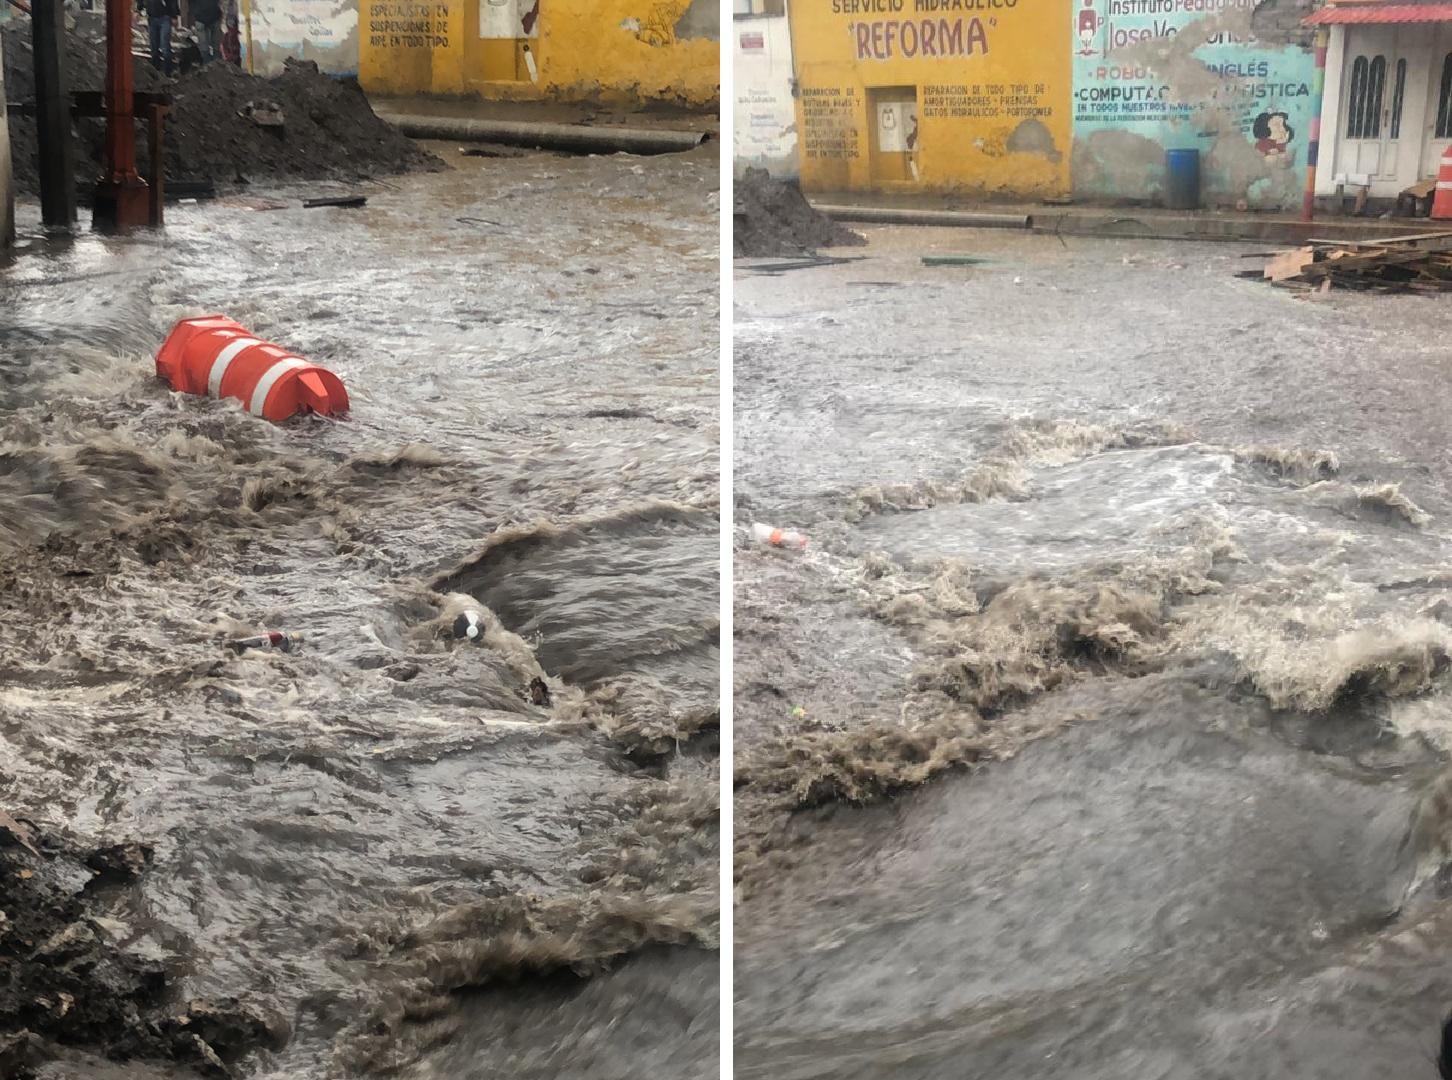 VIDEO Lluvias inundan calles y viviendas de Texmelucan